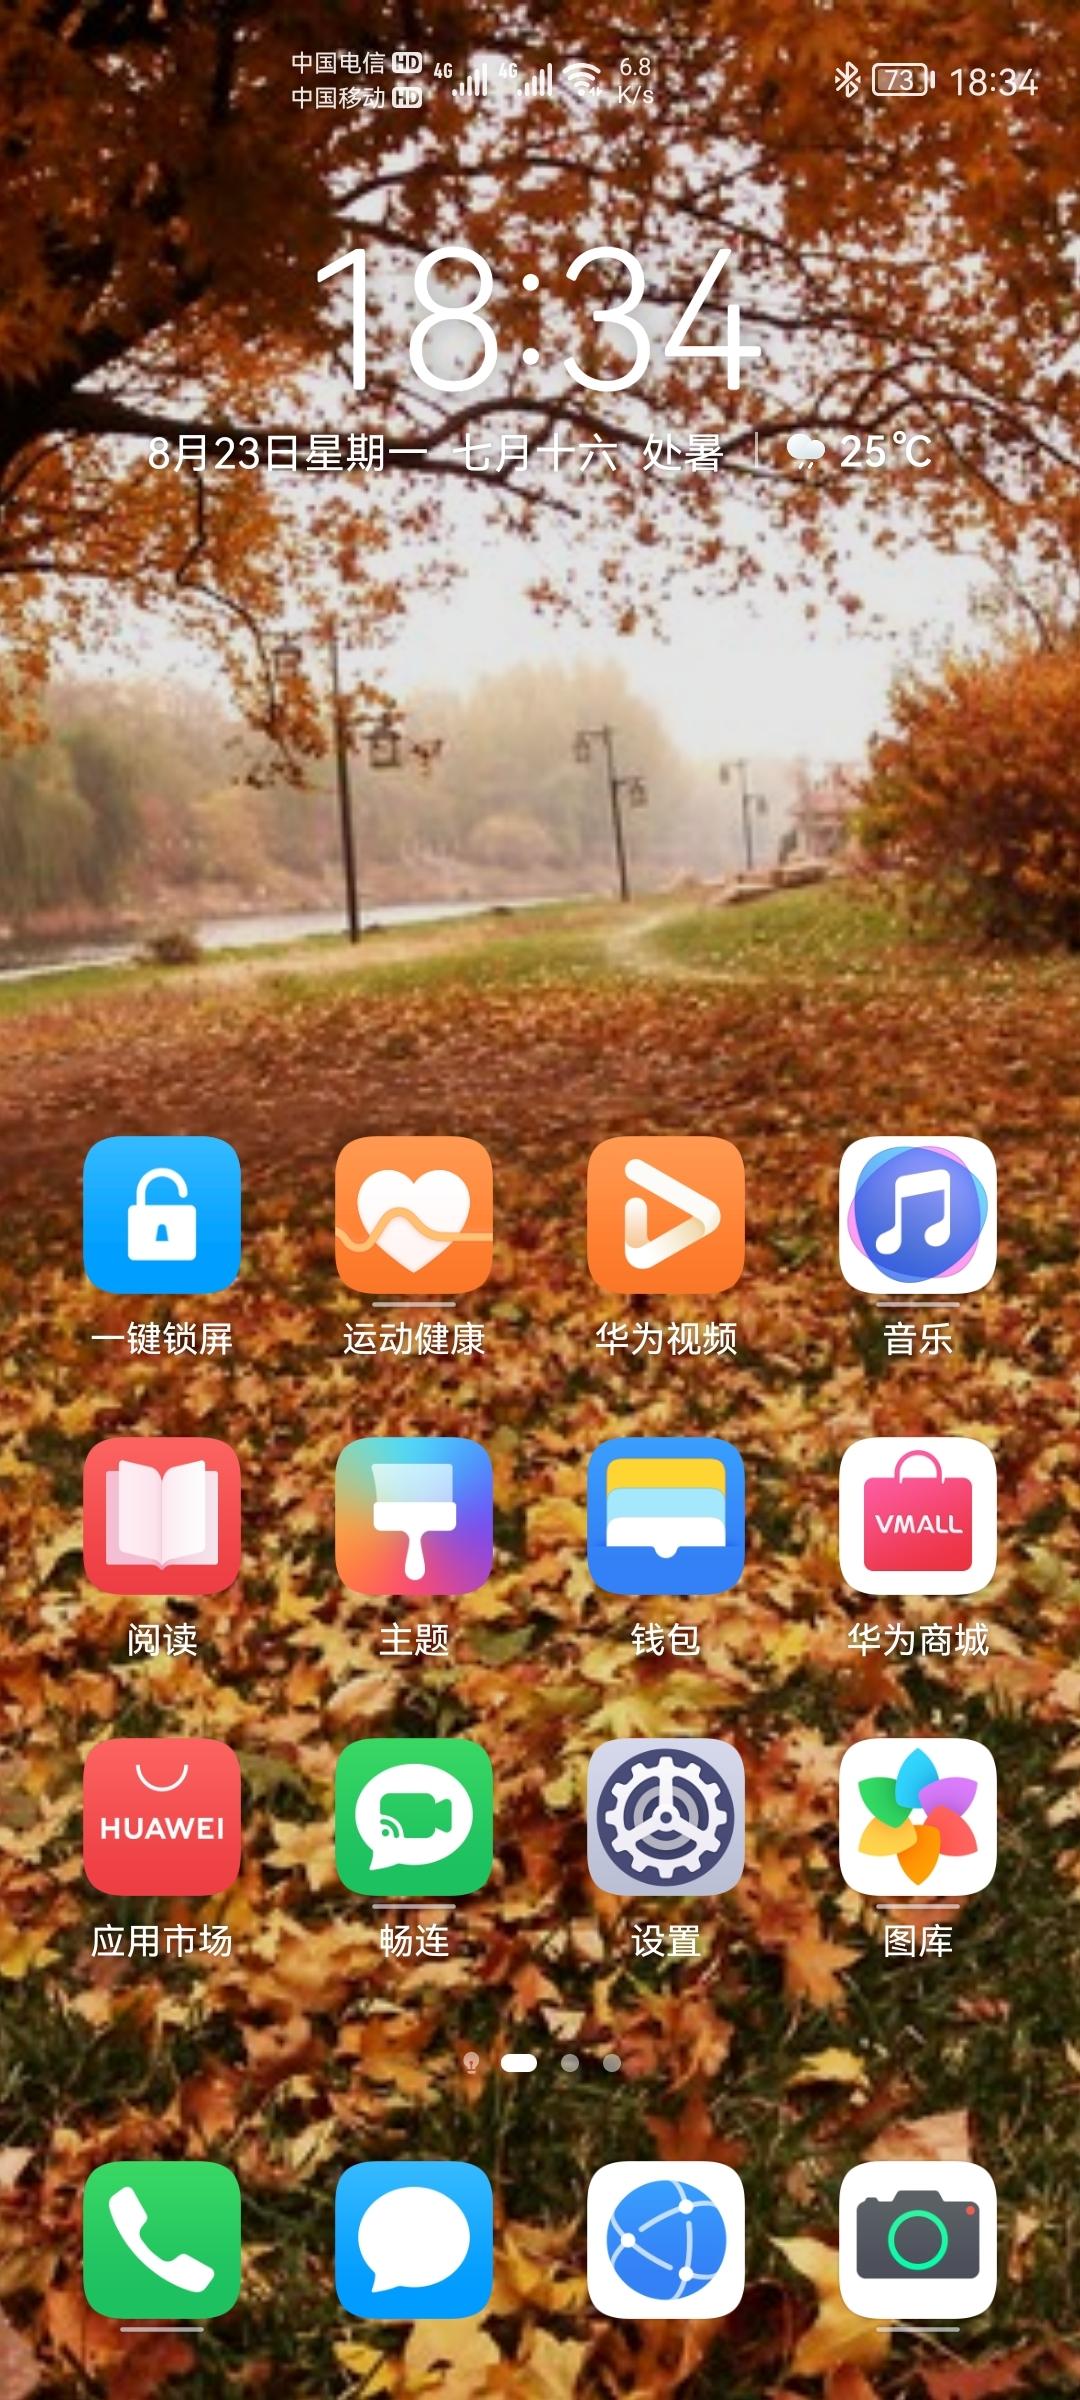 Screenshot_20210823_183437_com.huawei.android.launcher.jpg